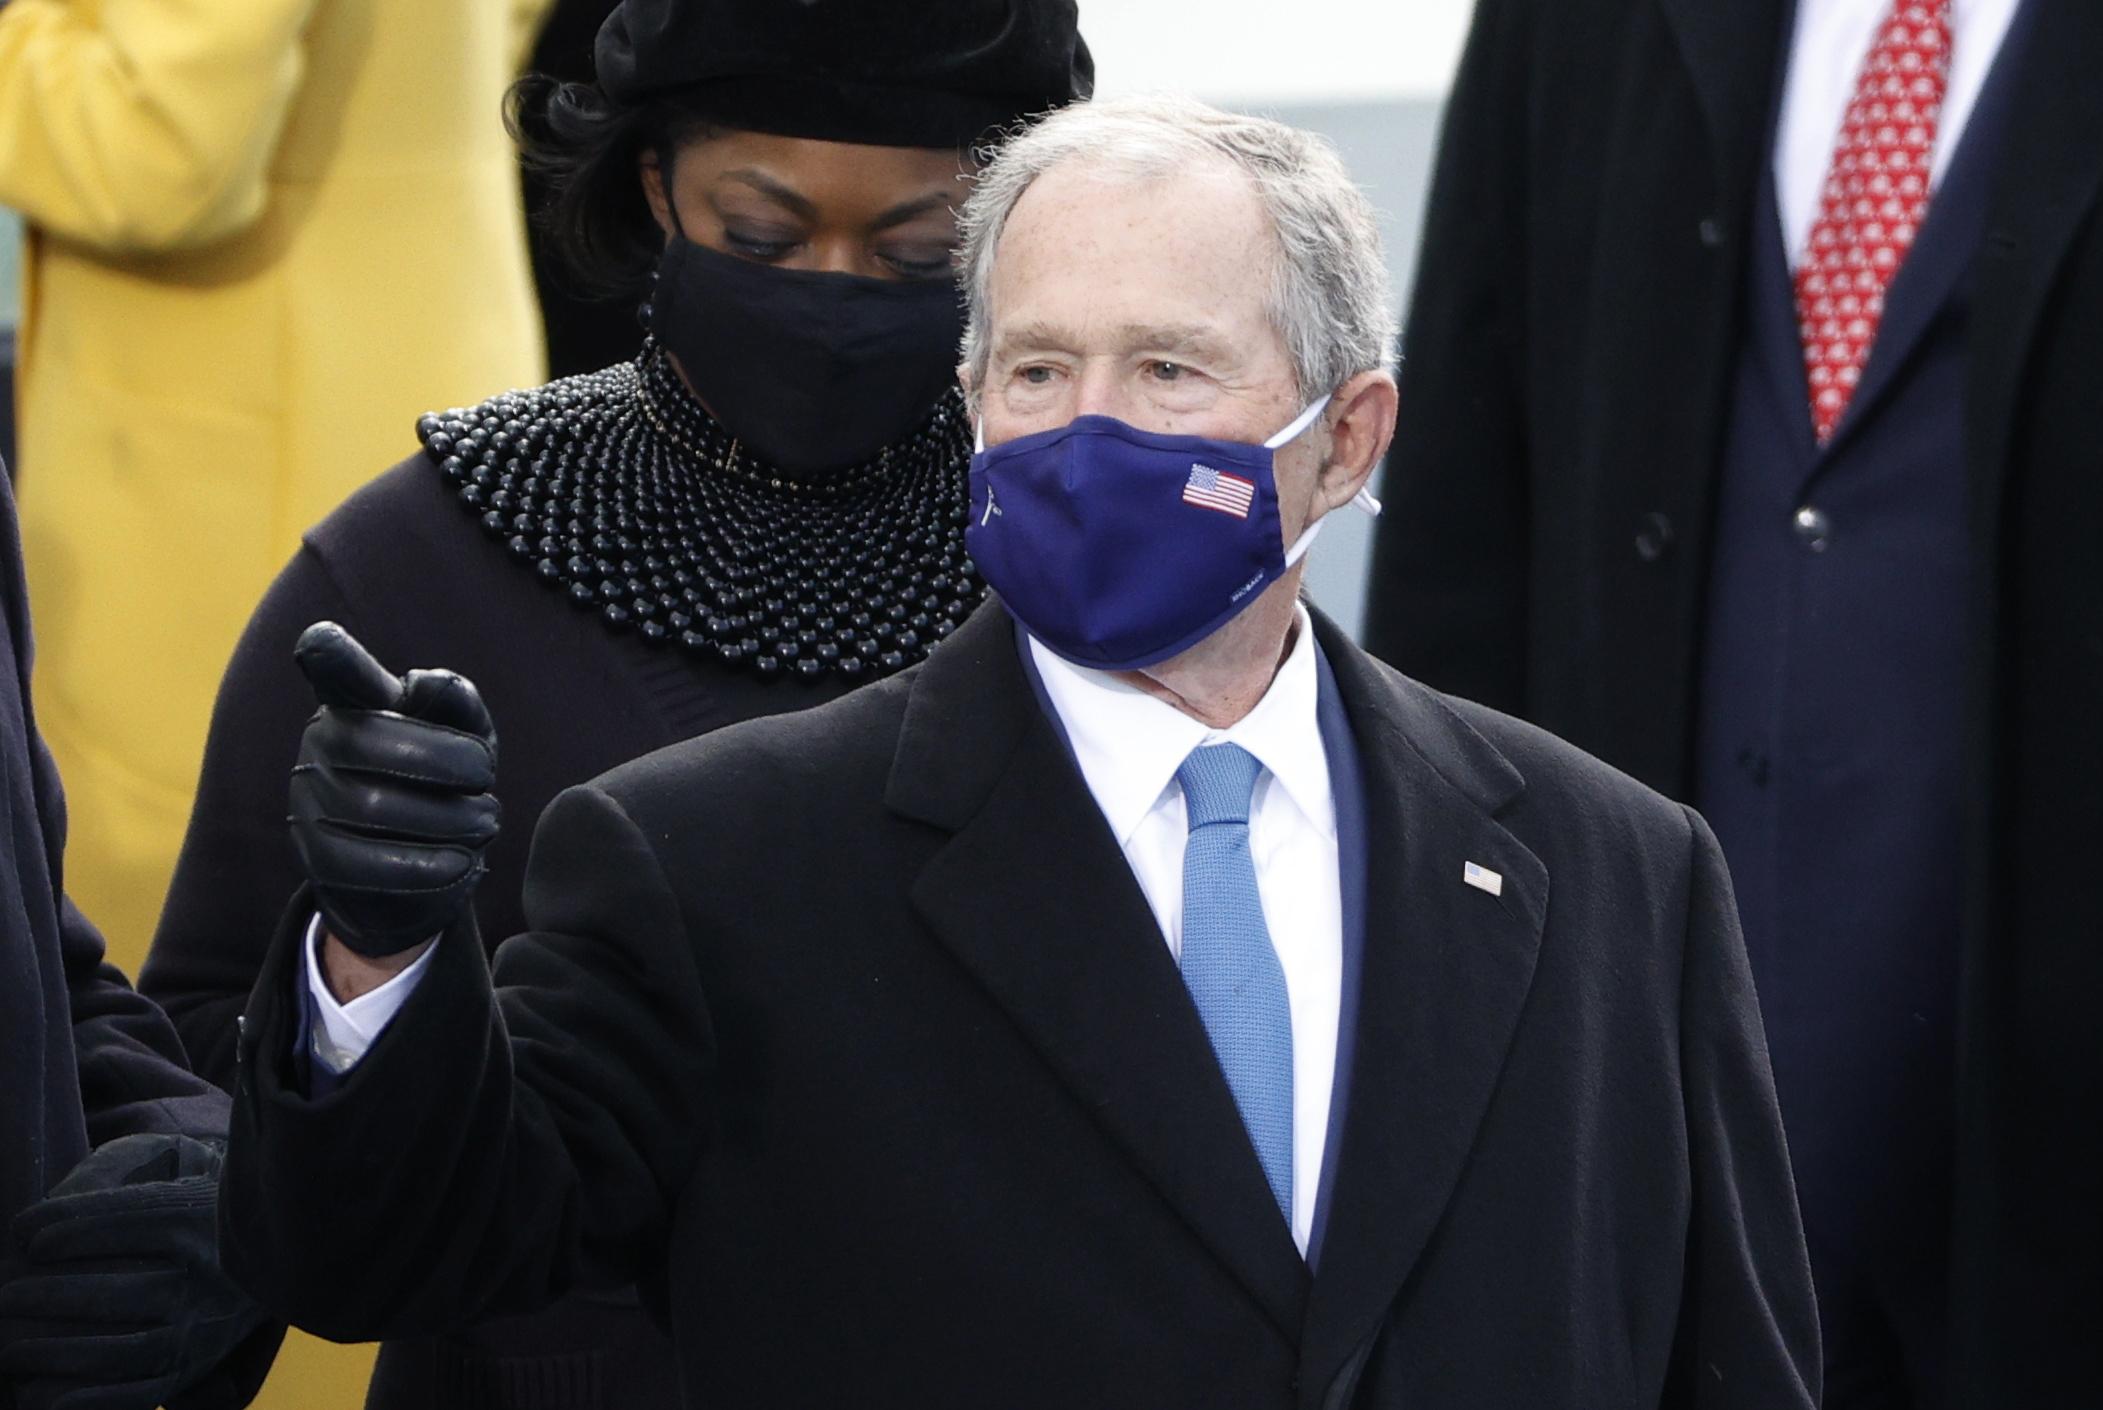 الرئيس الجمهوري الأسبق جورج بوش